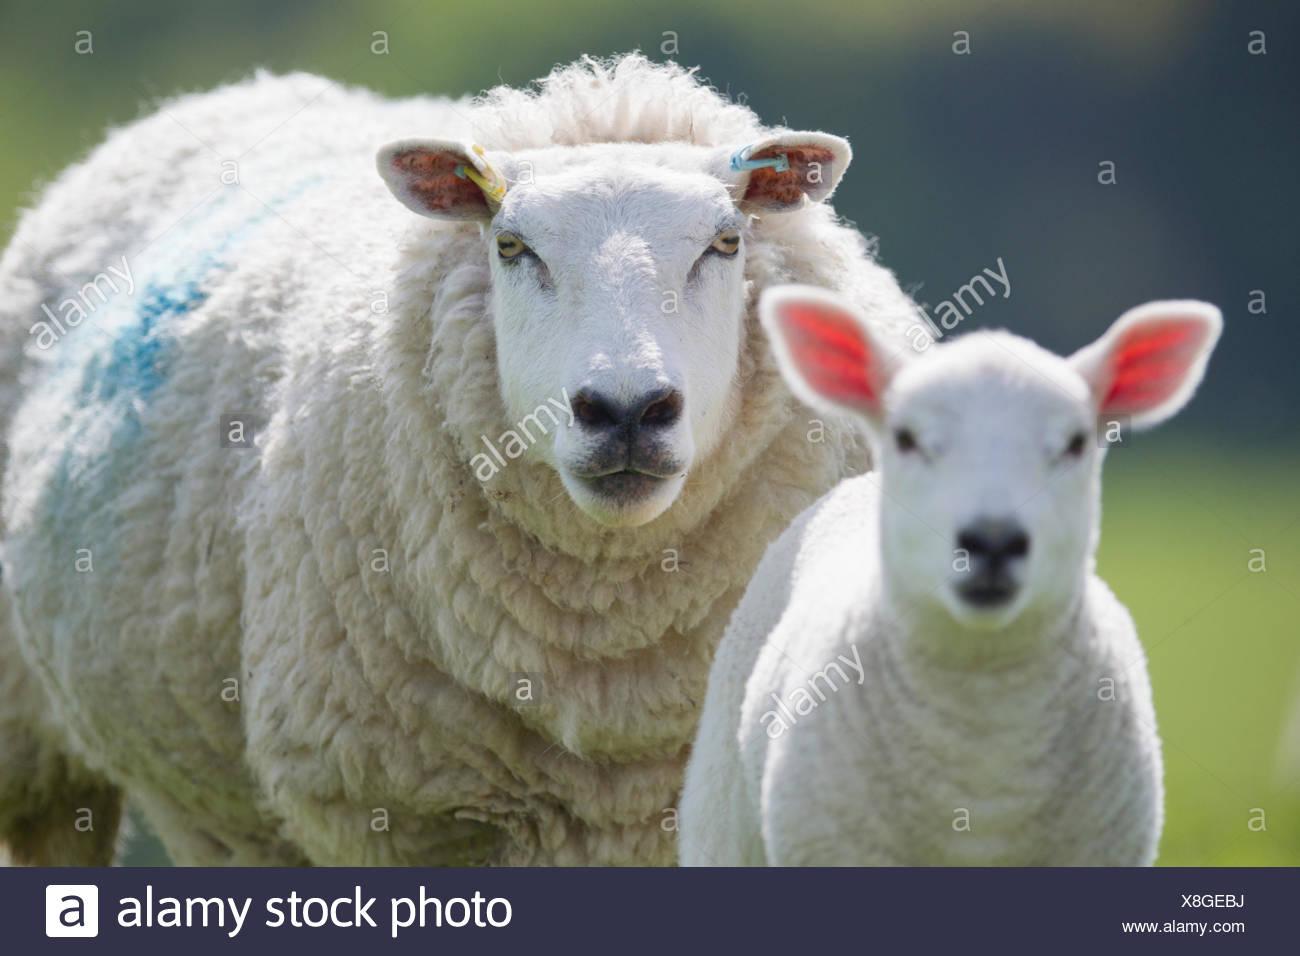 Retrato de cordero y oveja, focus sobre antecedentes Imagen De Stock